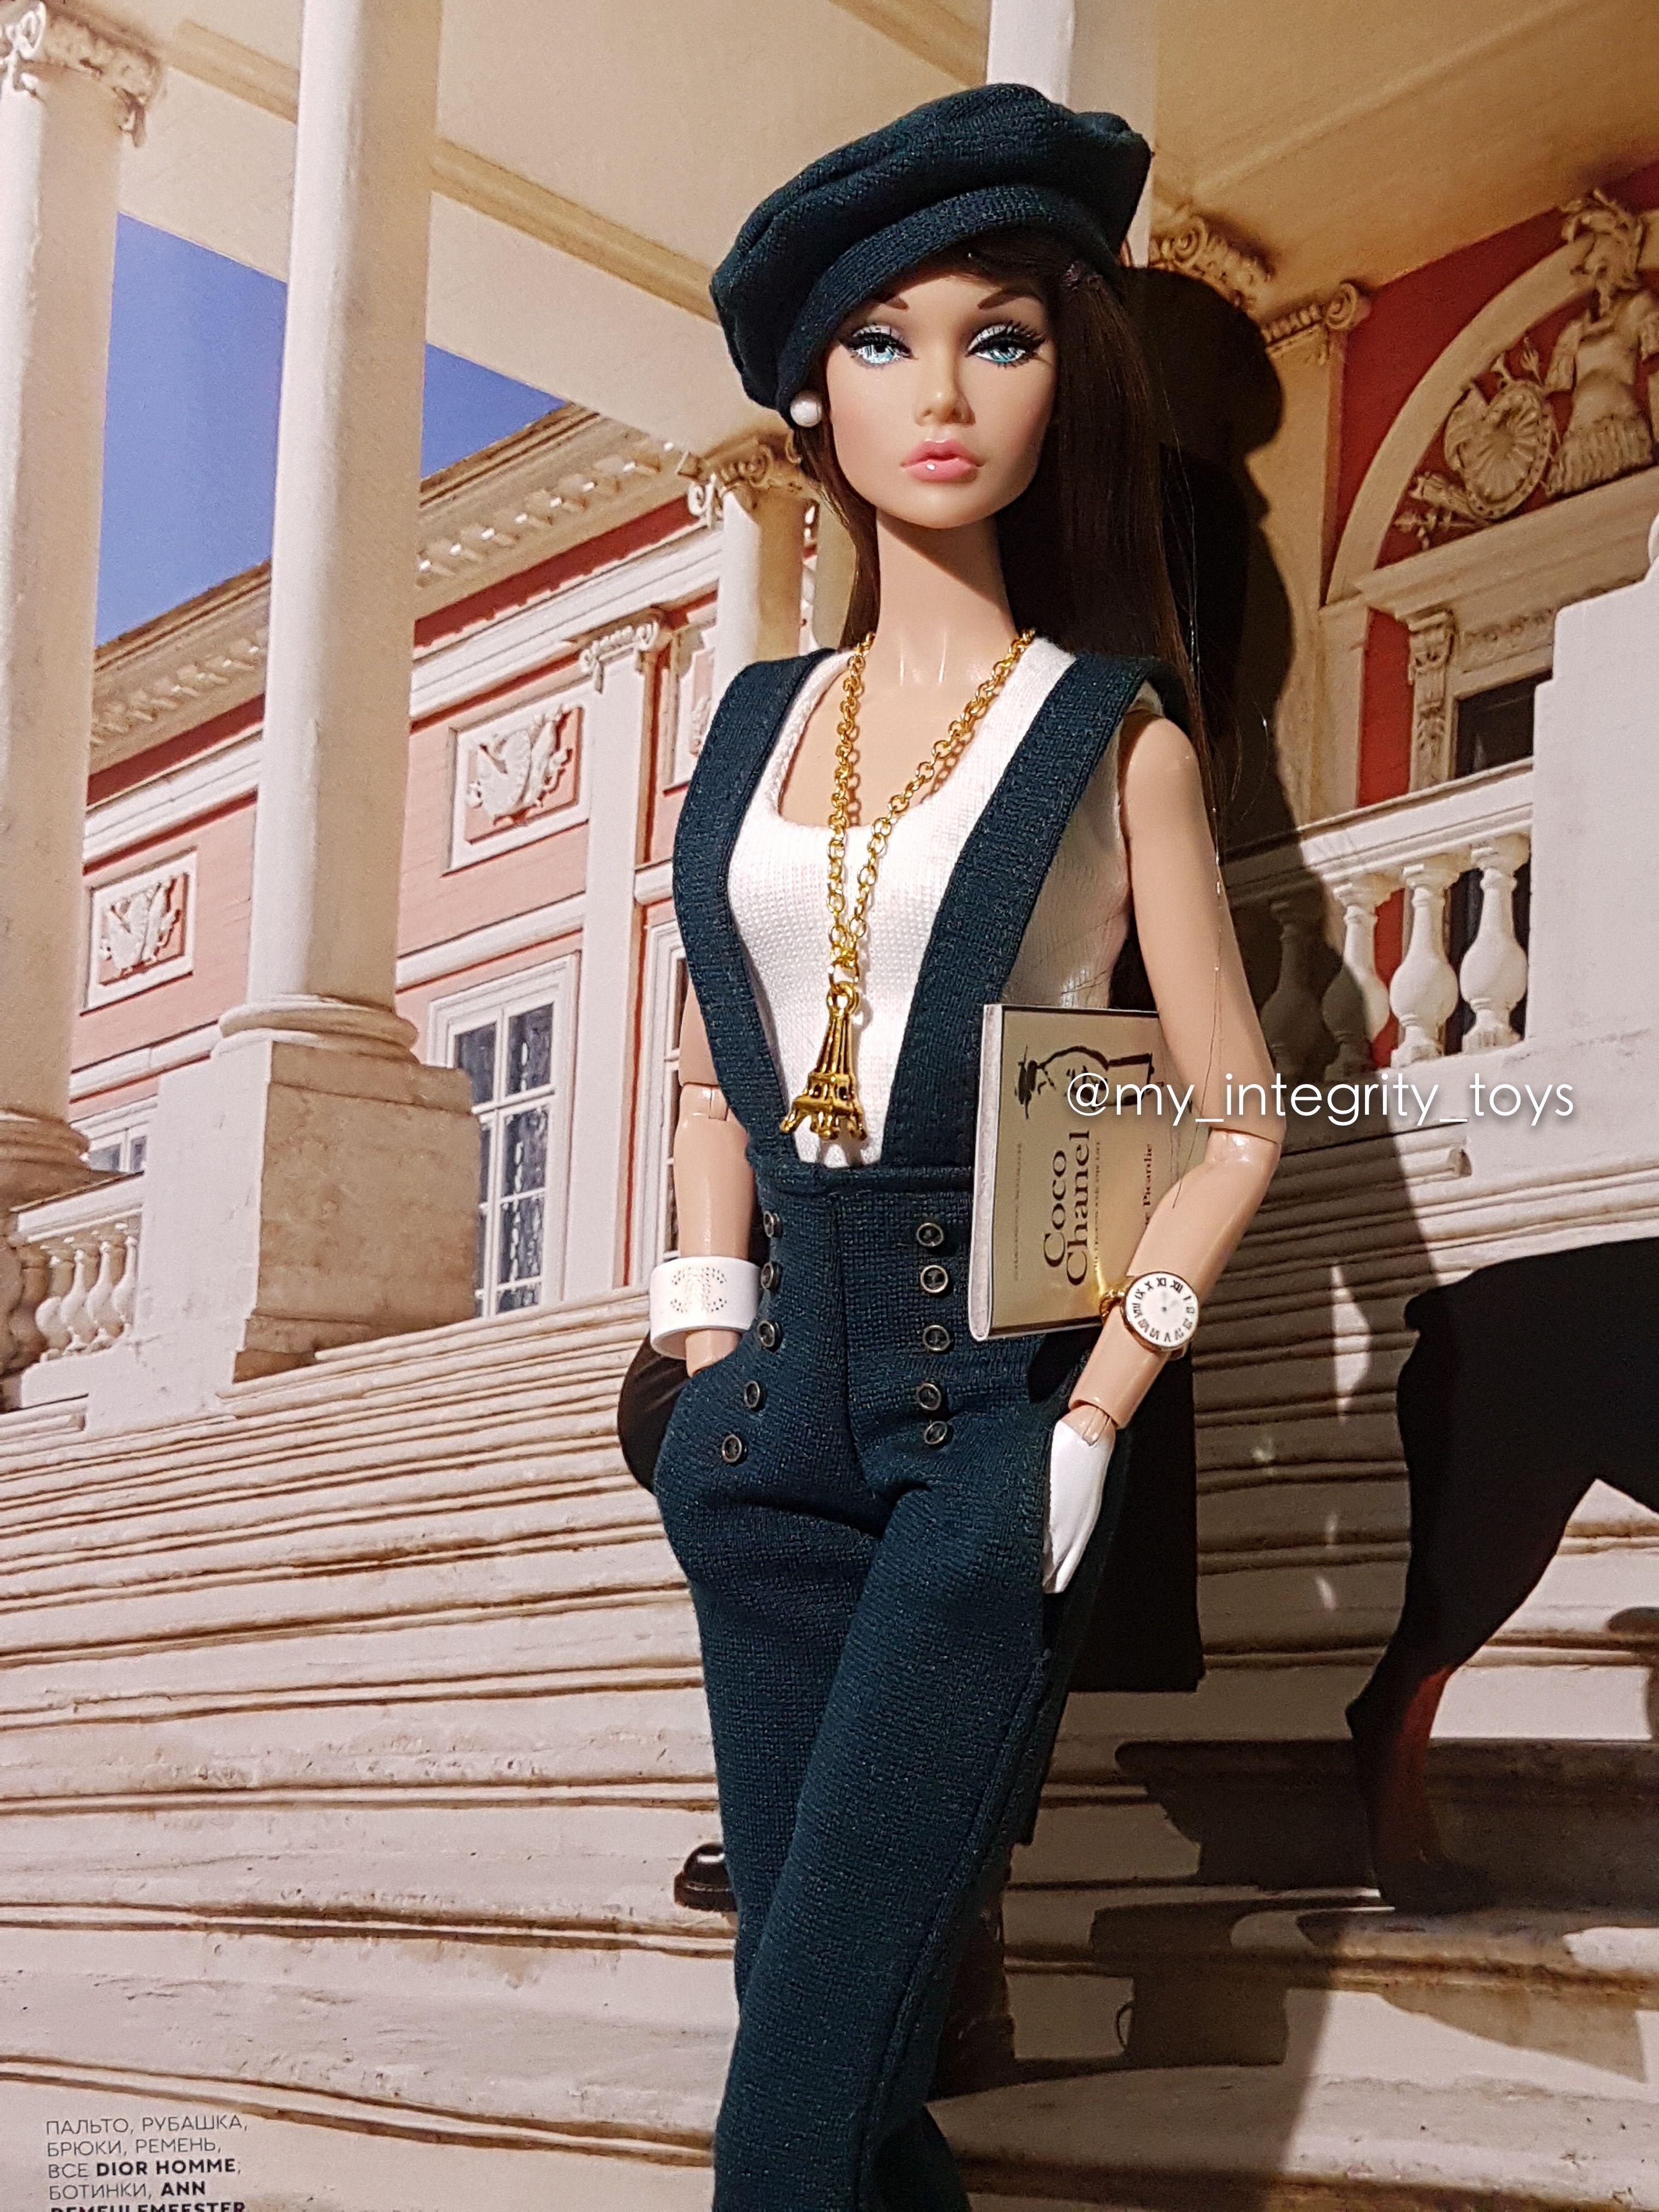 Poppy Parker / Fashion Royalty #кукламечты #poppyparker #integritytoys #fashiondoll #fashionroyalty #fashionroyaltydoll #fashiondress #poppyparkerdress #poppyparkerwardrobe #поппипаркер #одеждадляпоппипаркер #doll #коллекционнаякукла #гардеробпоппираркер #fashionface #stylishdoll #instadoll #fashionwardrobe #artist #dollstagram #dollphotography #dollphotogallery #FashionDollPhotography #oyuncakbebekelbiseleri